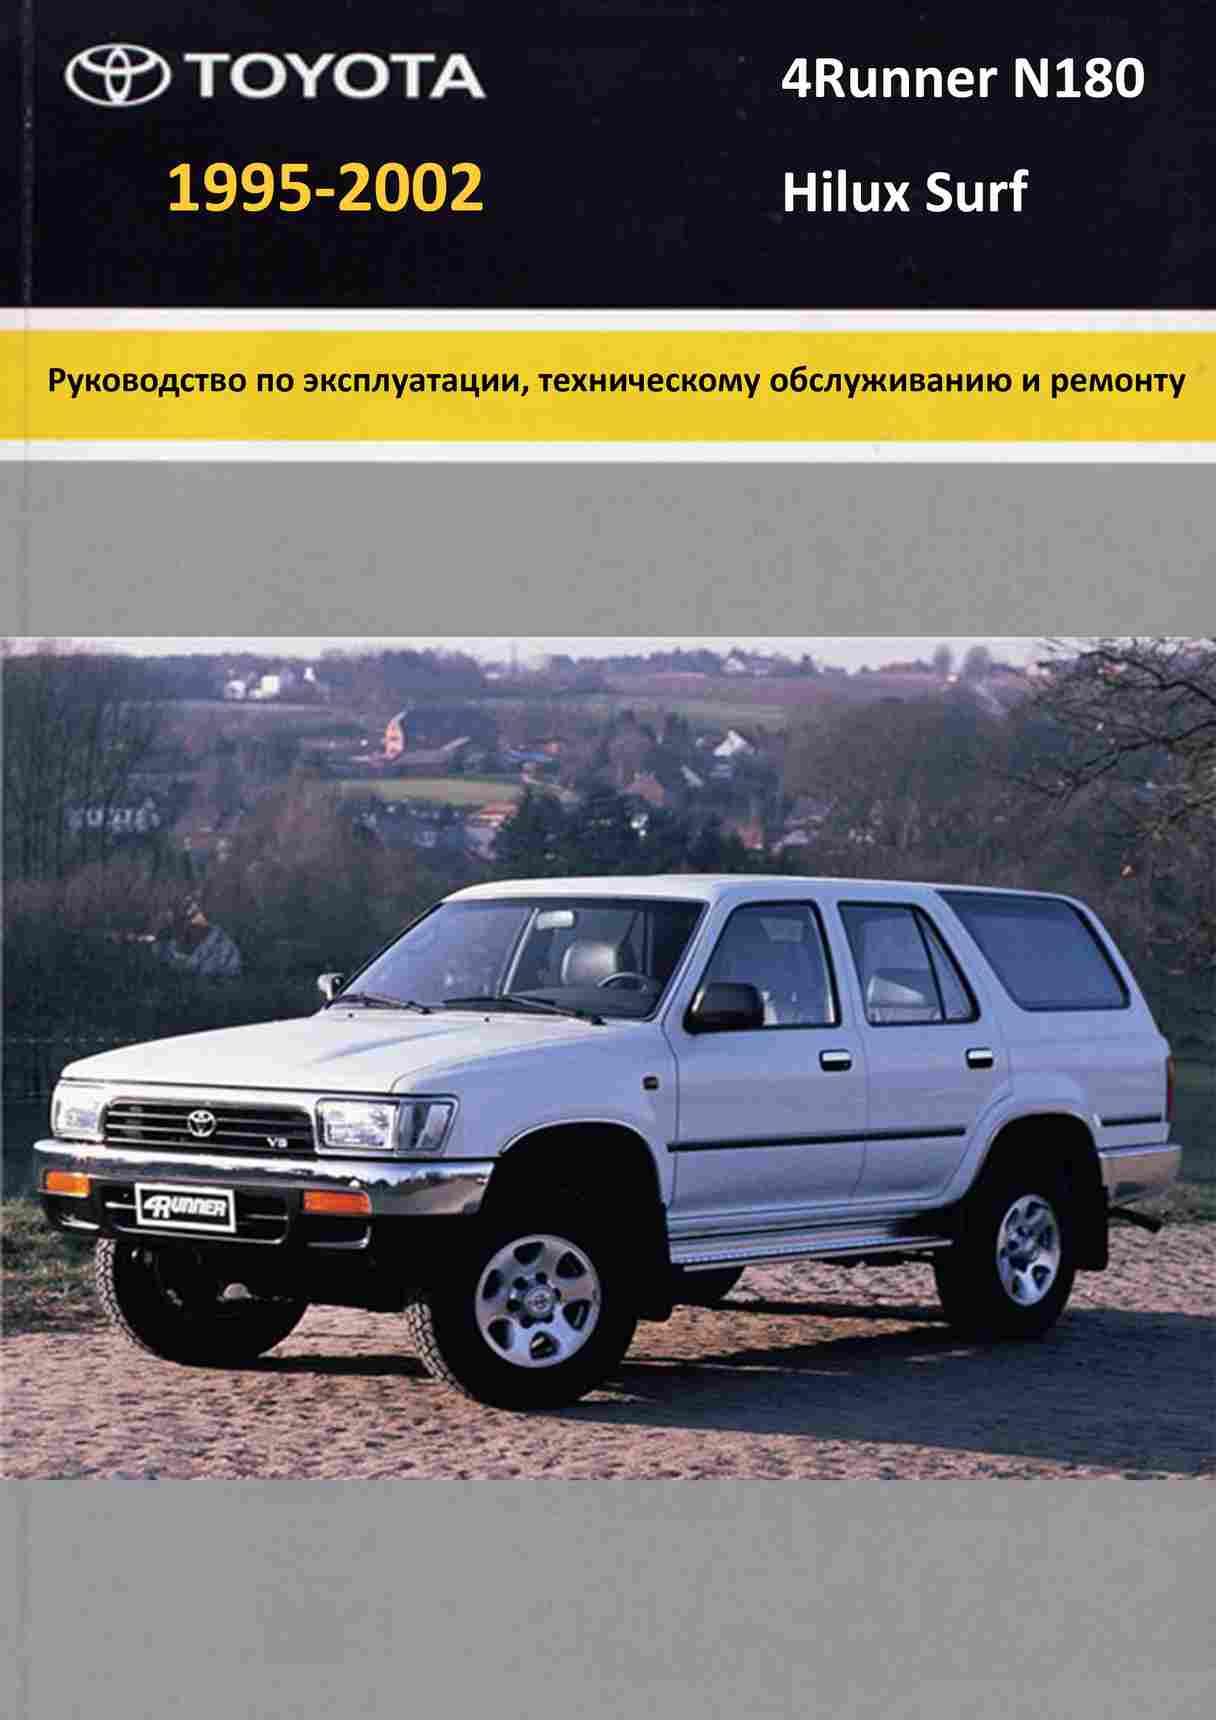 Toyota Hilux Surf, 4Runner 1995-2002 Устройство, техническое обслуживание, ремонт обложка